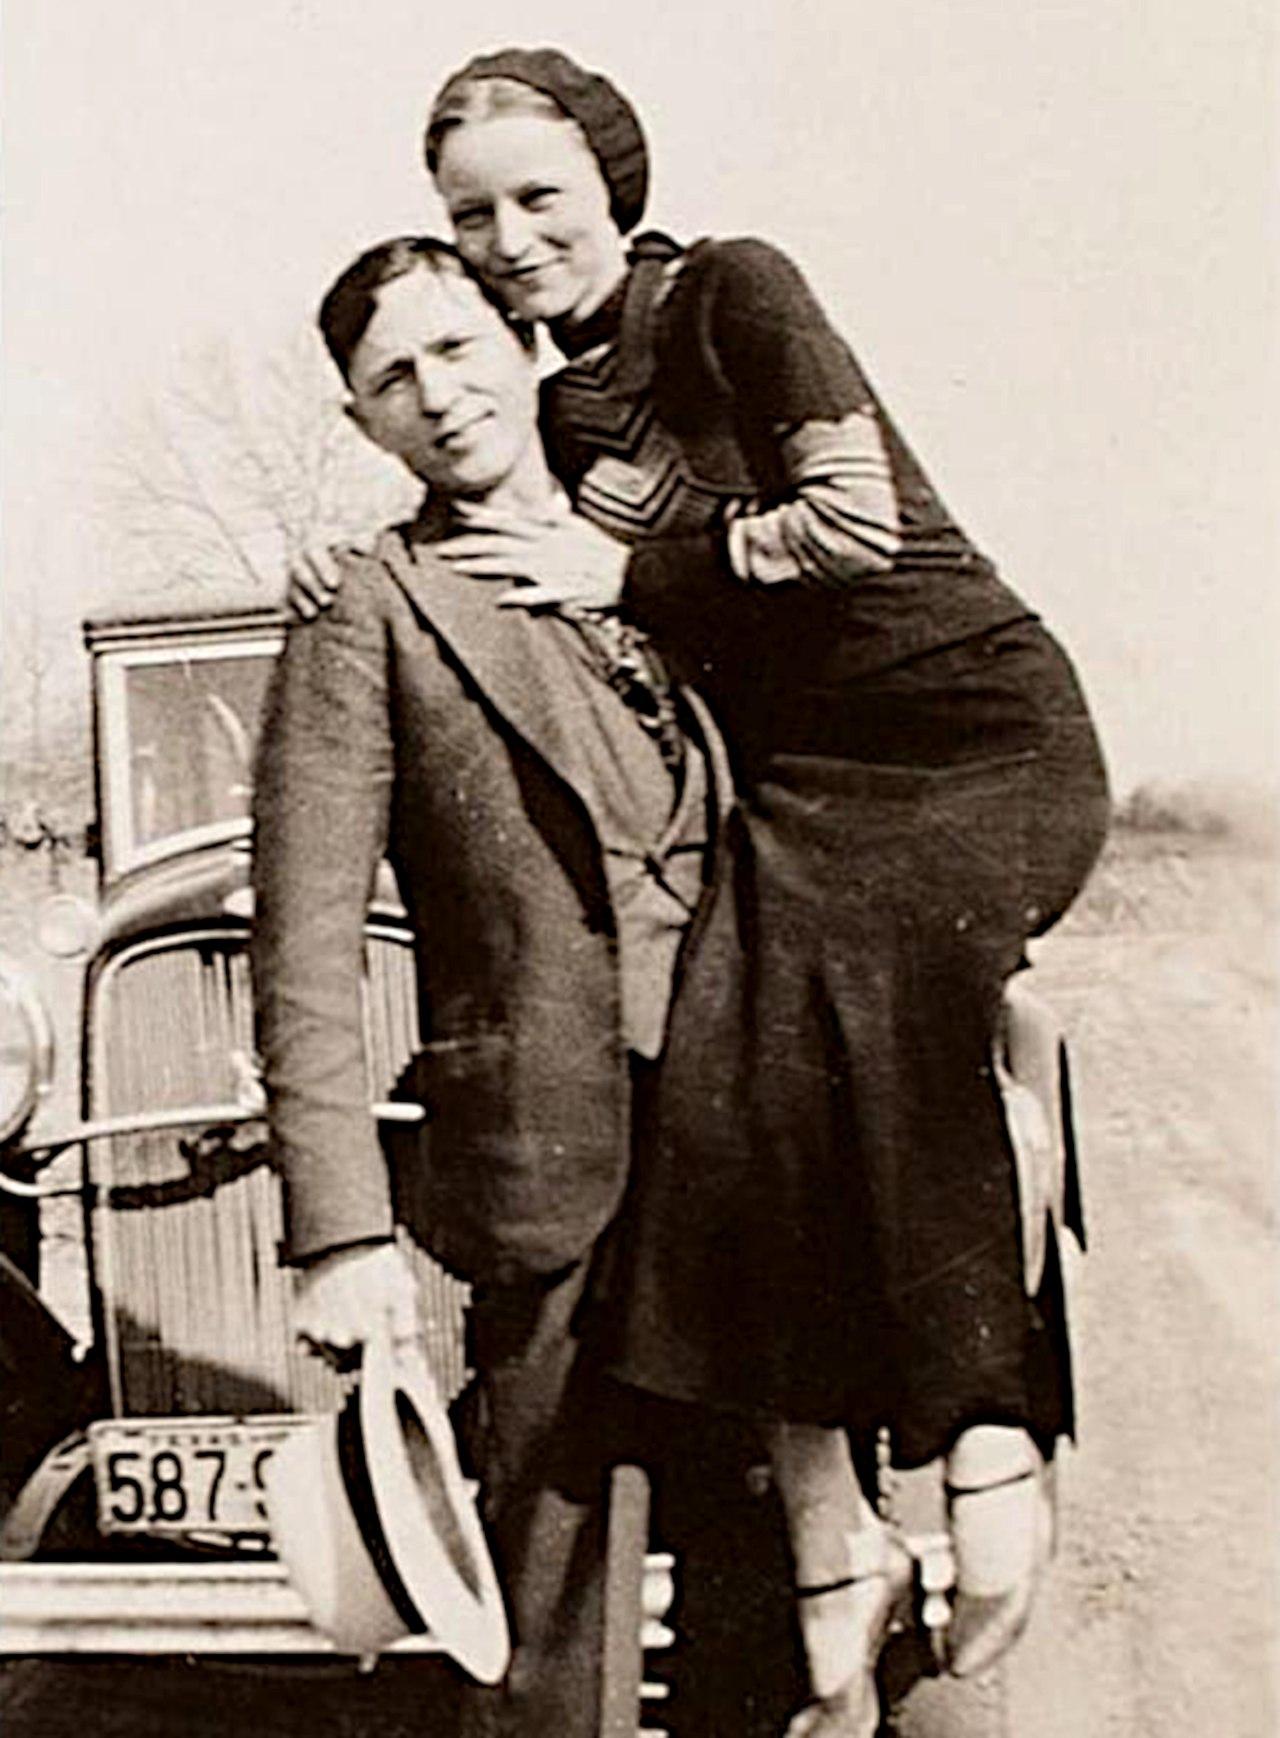 Clyde Chestnut Barrow og Bonnie Elizabeth Parker